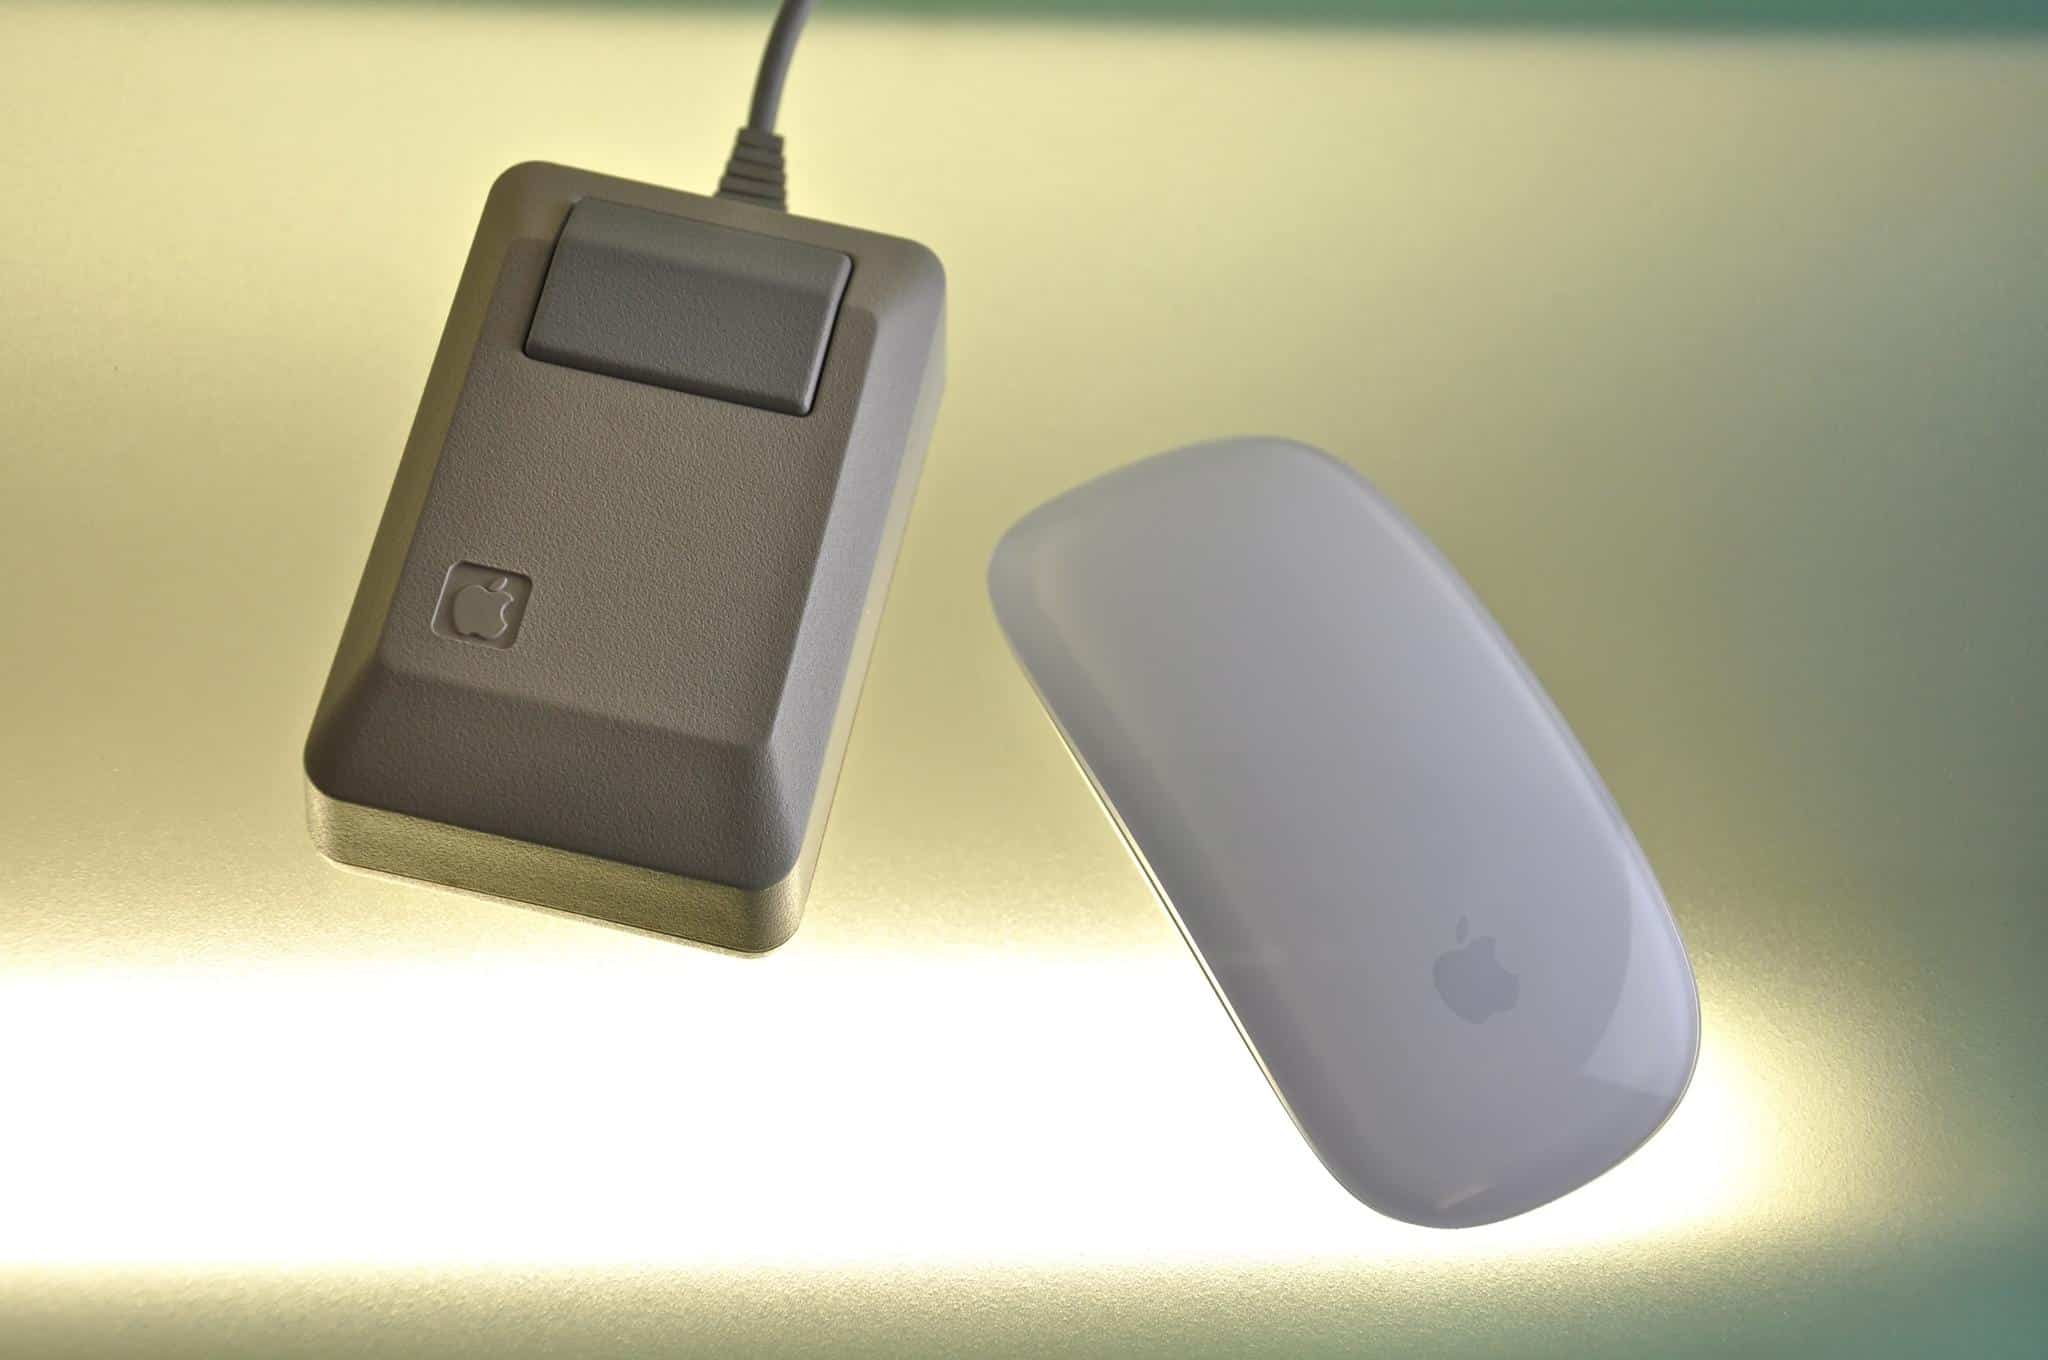 Evolution Apple Apple Mouse Evolution 1984